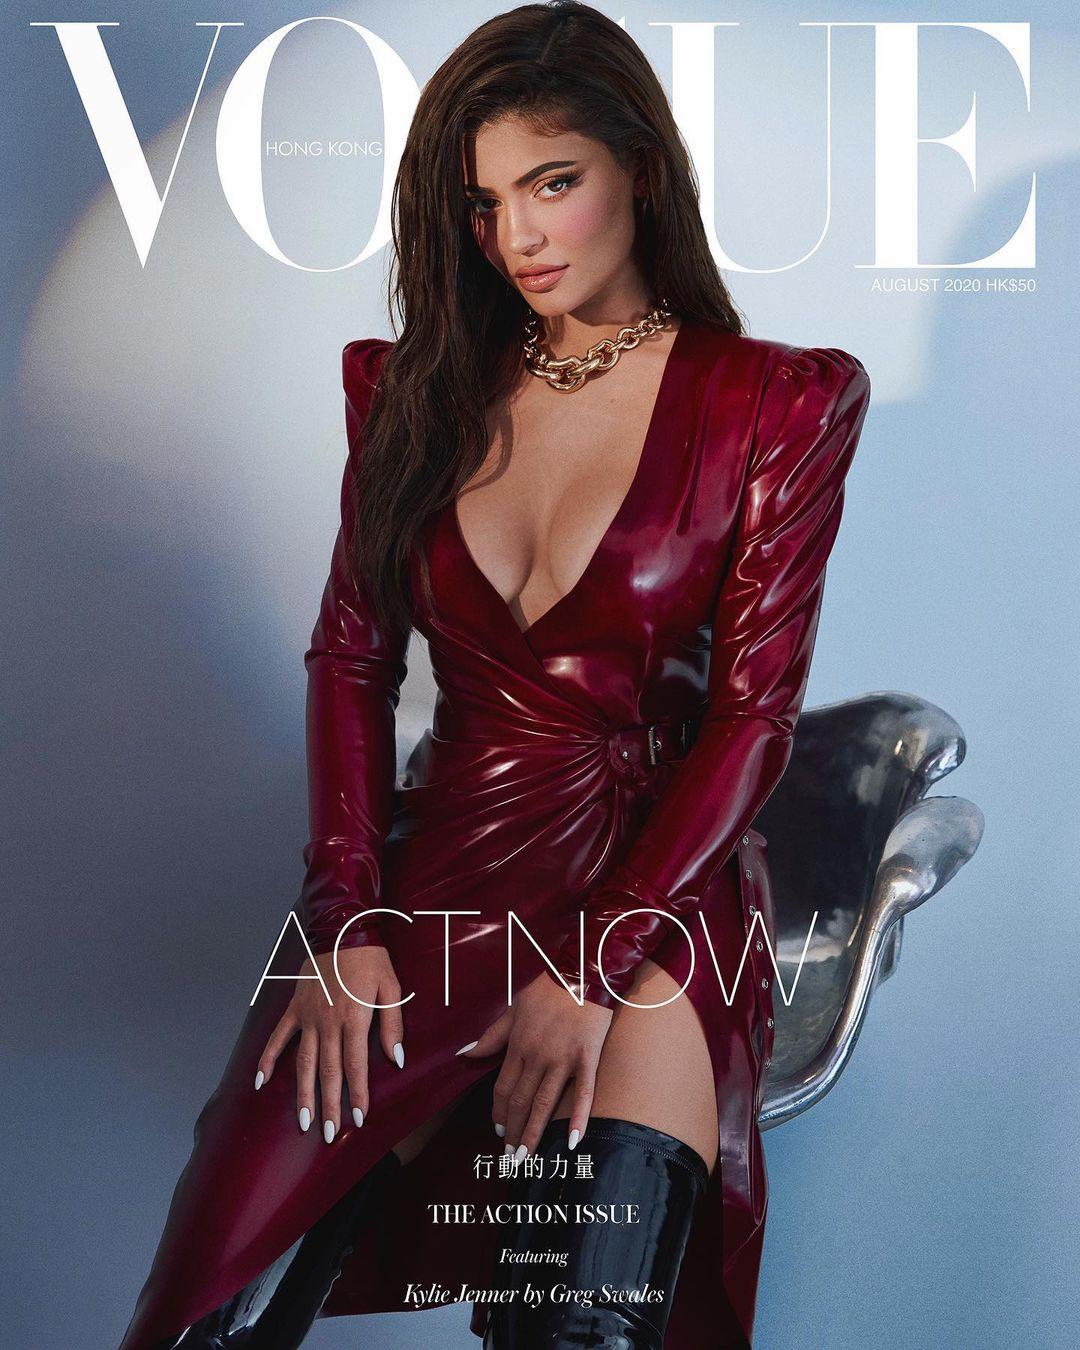 Nhiều tín đồ thời trang phát hiện ra, bộ cánh Ngọc Trinh diện gần như giống hệt style của Kylie Jenner trên bìa Vogue Hong Kong từ tháng 8 năm ngoái. Nàng IT Girl đình đám Hollywood cũng mặc đầm da đỏ của Saint Laurent với boots da đen cao đến đùi và vòng xích hầm hố.